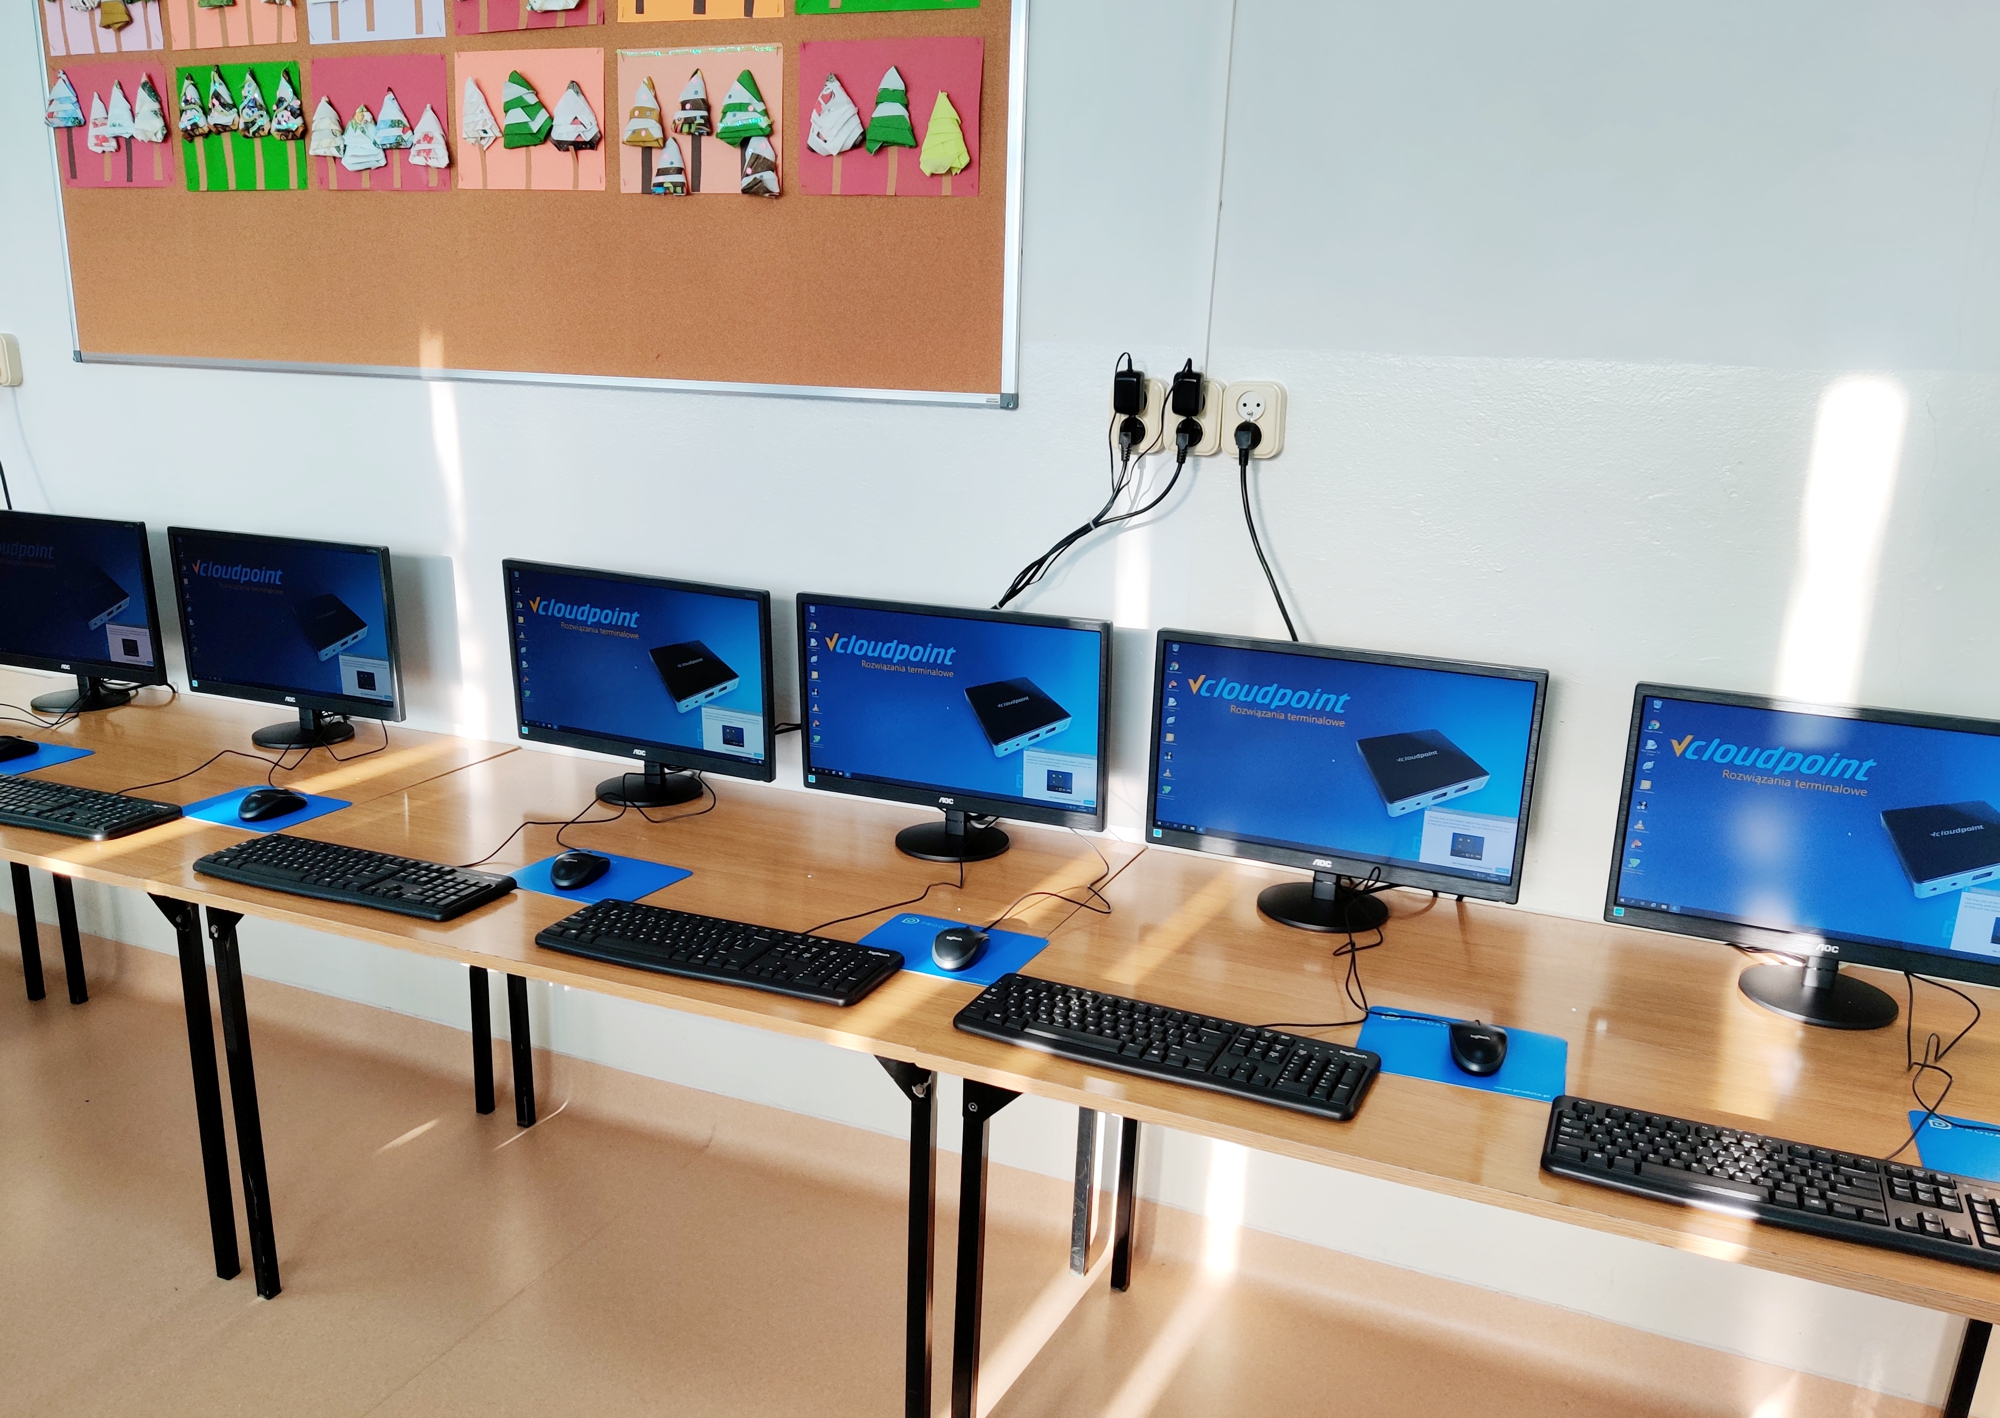 Pracownia terminalowa vCloudPoint w Szkole Podstawowej w Ostrówku